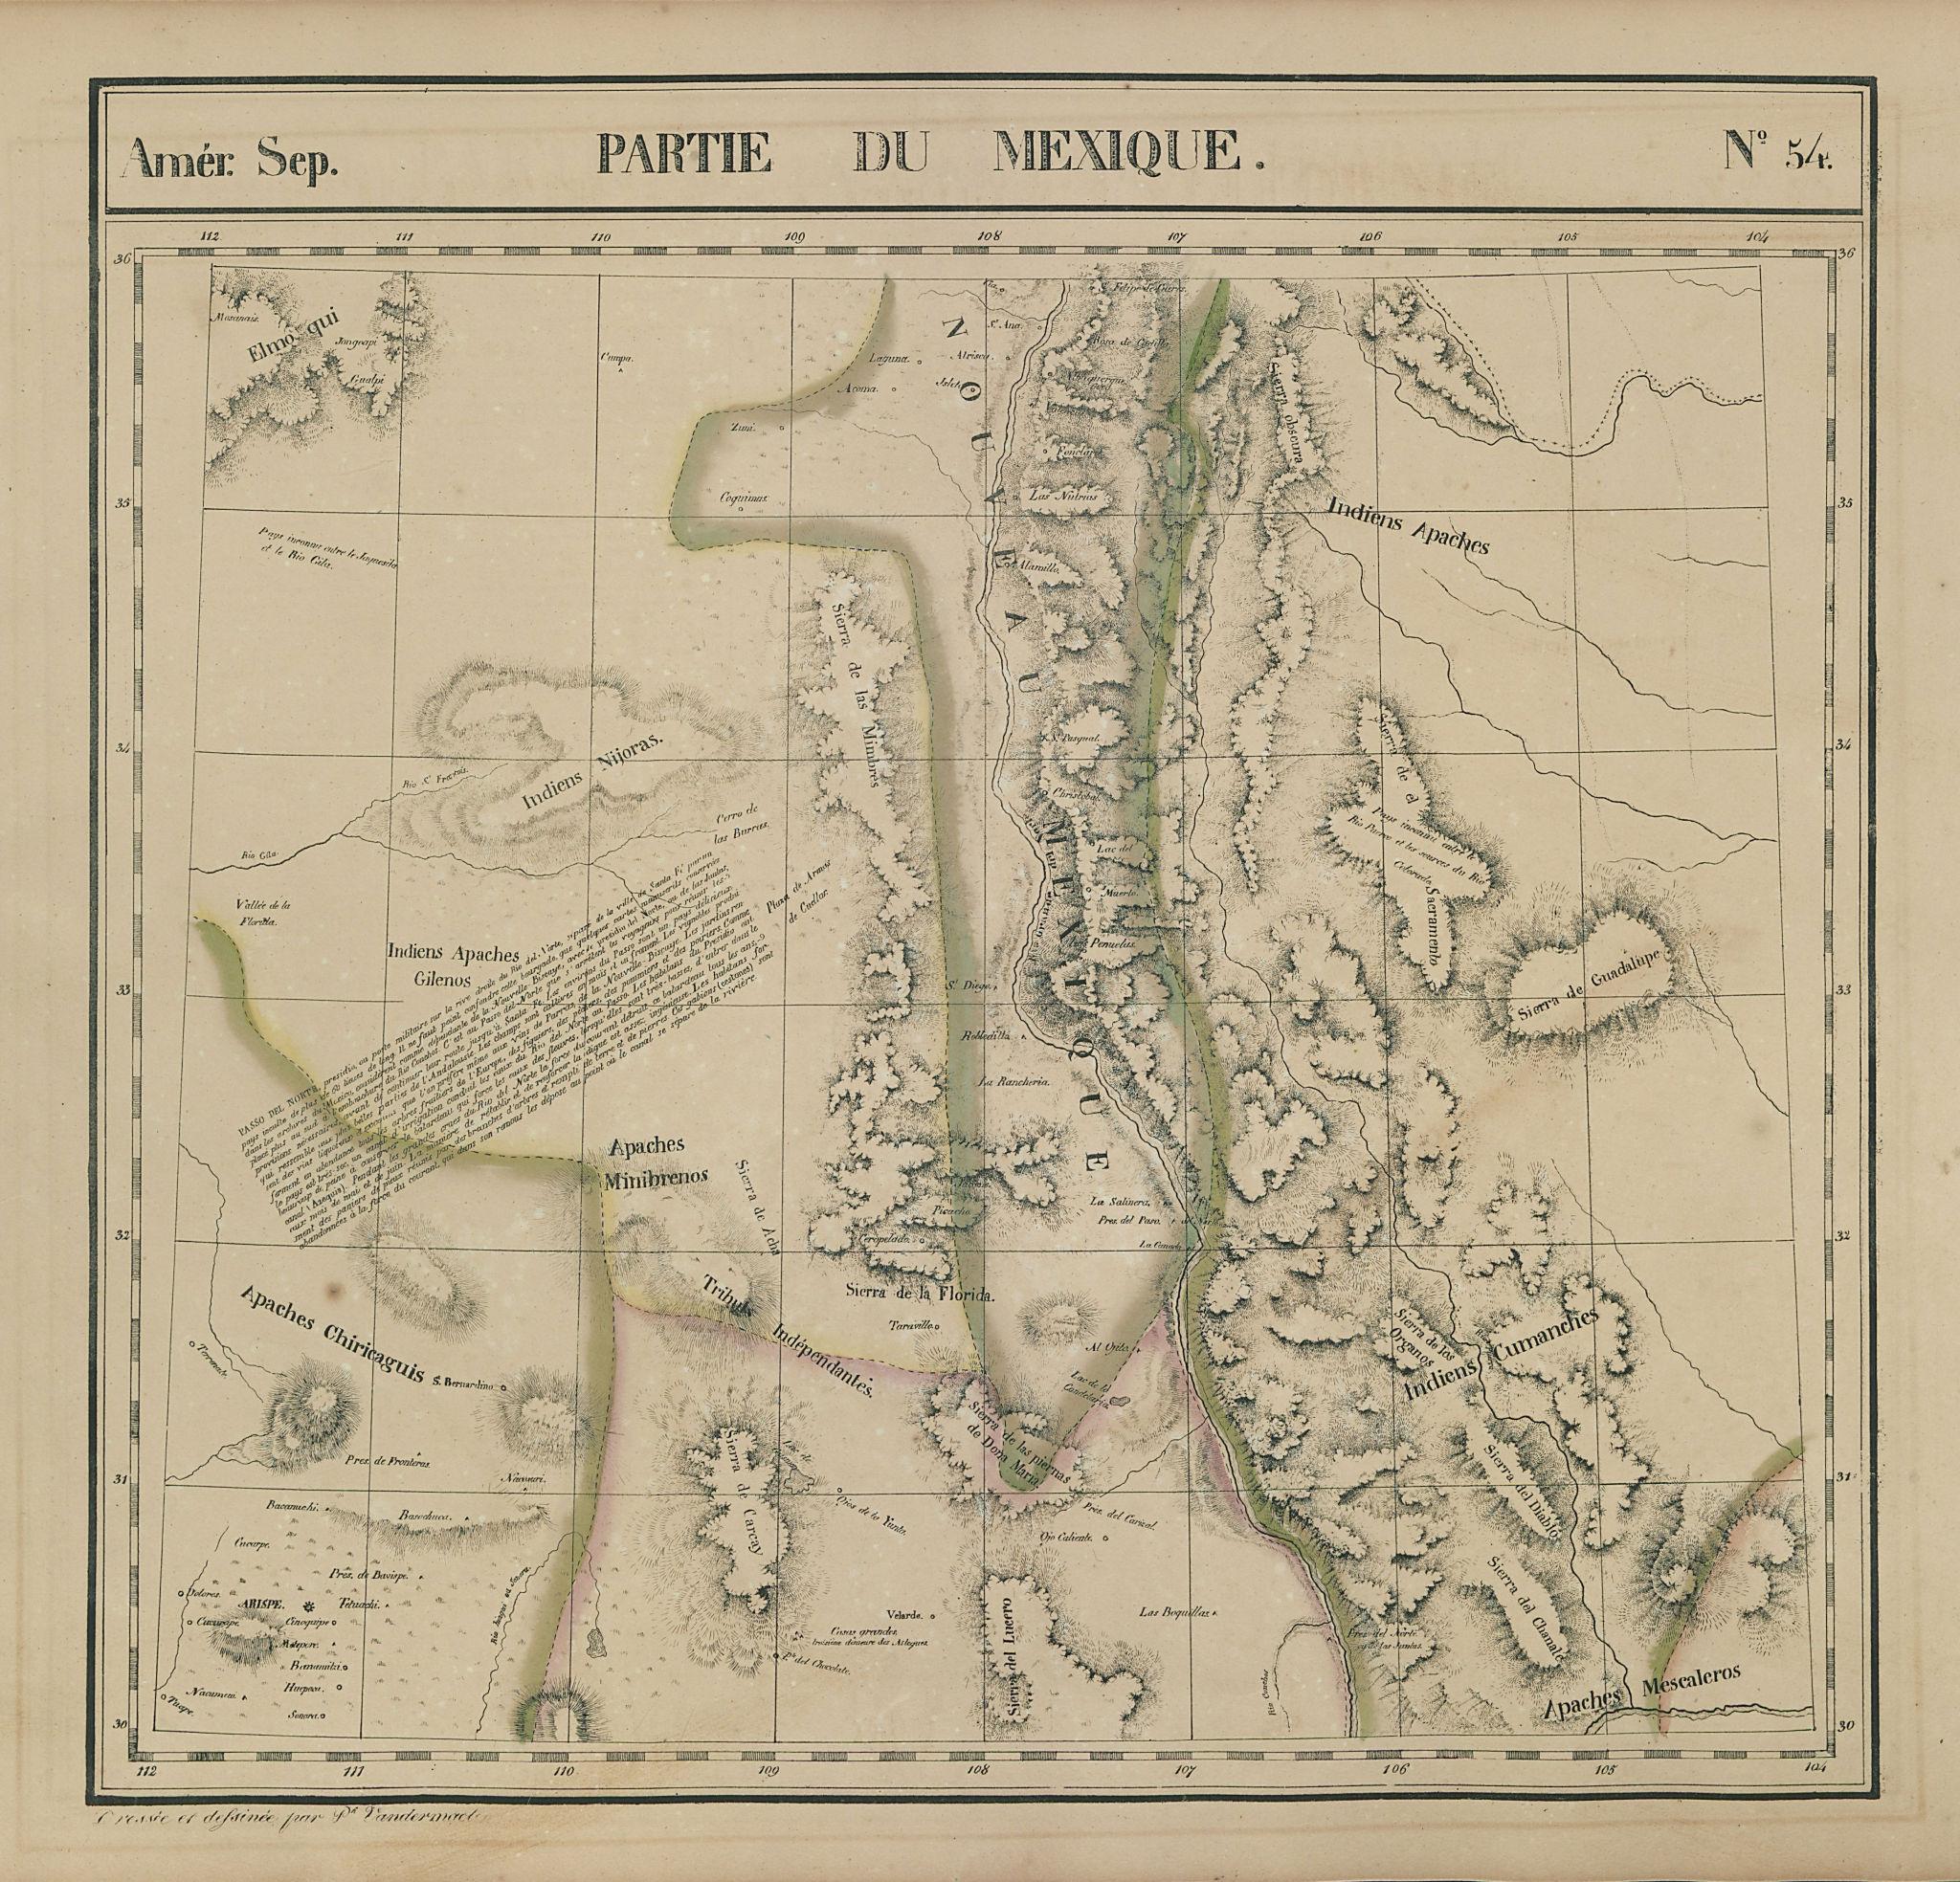 Amér Sep Partie du Mexique #54 New Mexico Texas Rio Grande VANDERMAELEN 1827 map